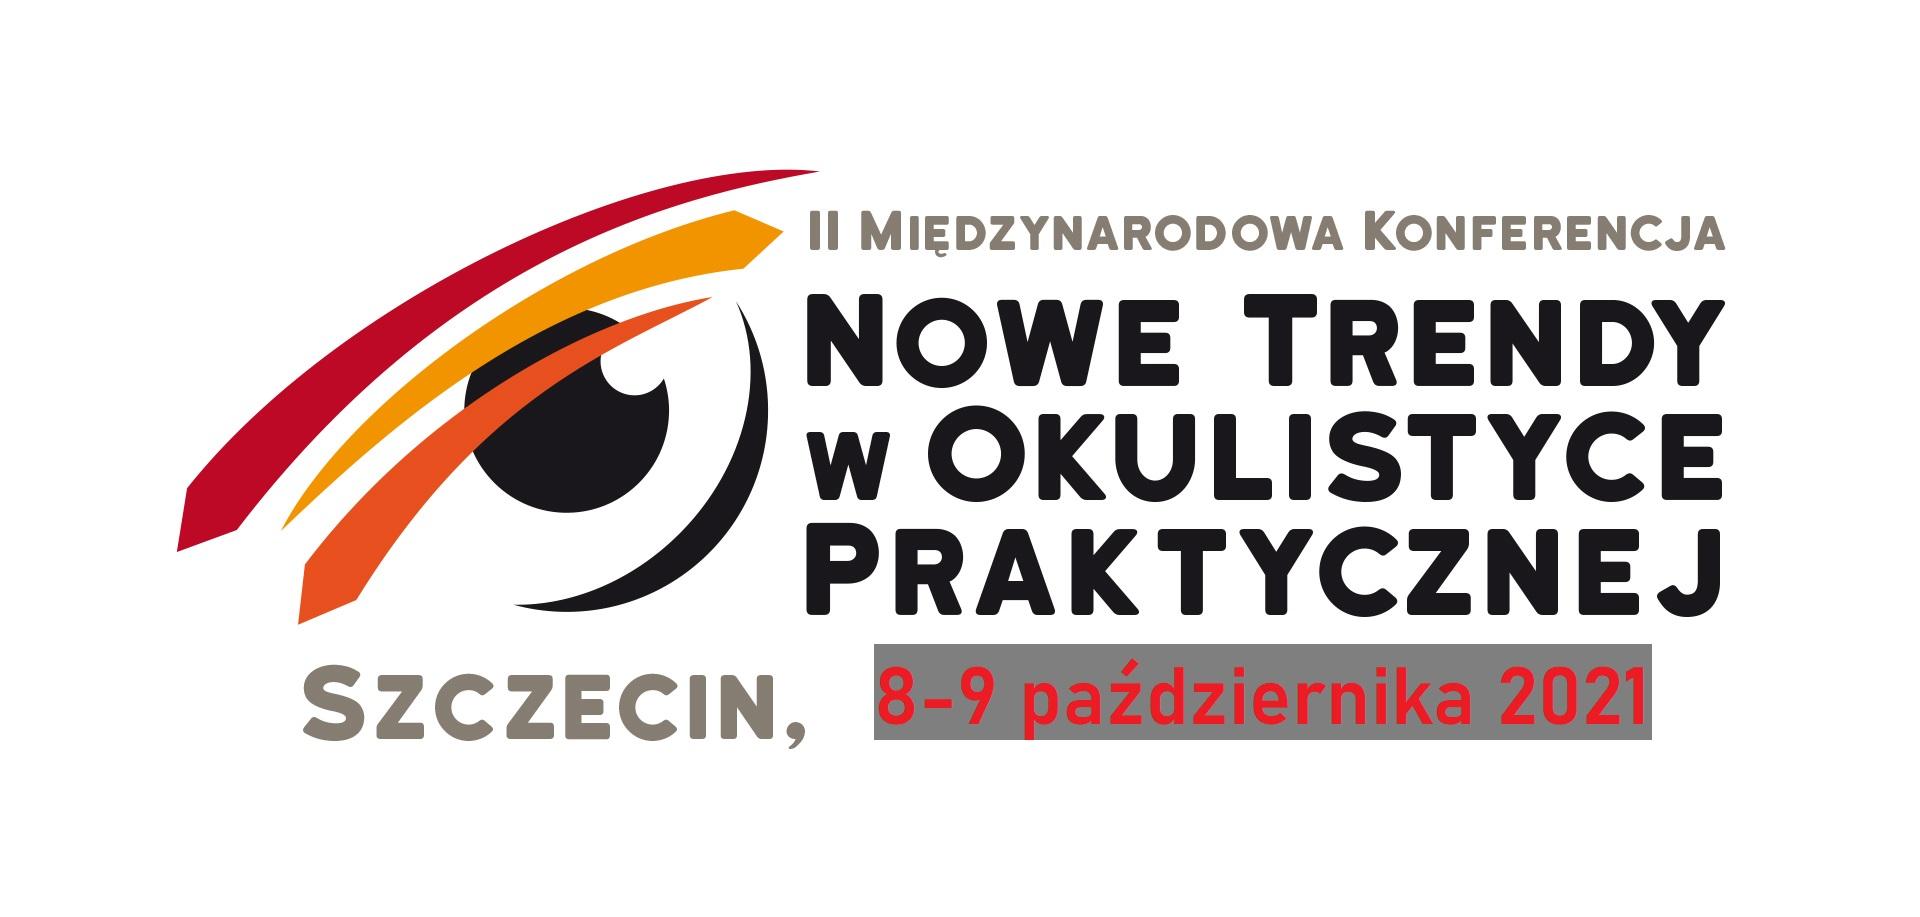 II Międzynarodowa Konferencja  NOWE TRENDY W OKUISTYCE PRAKTYCZNEJ